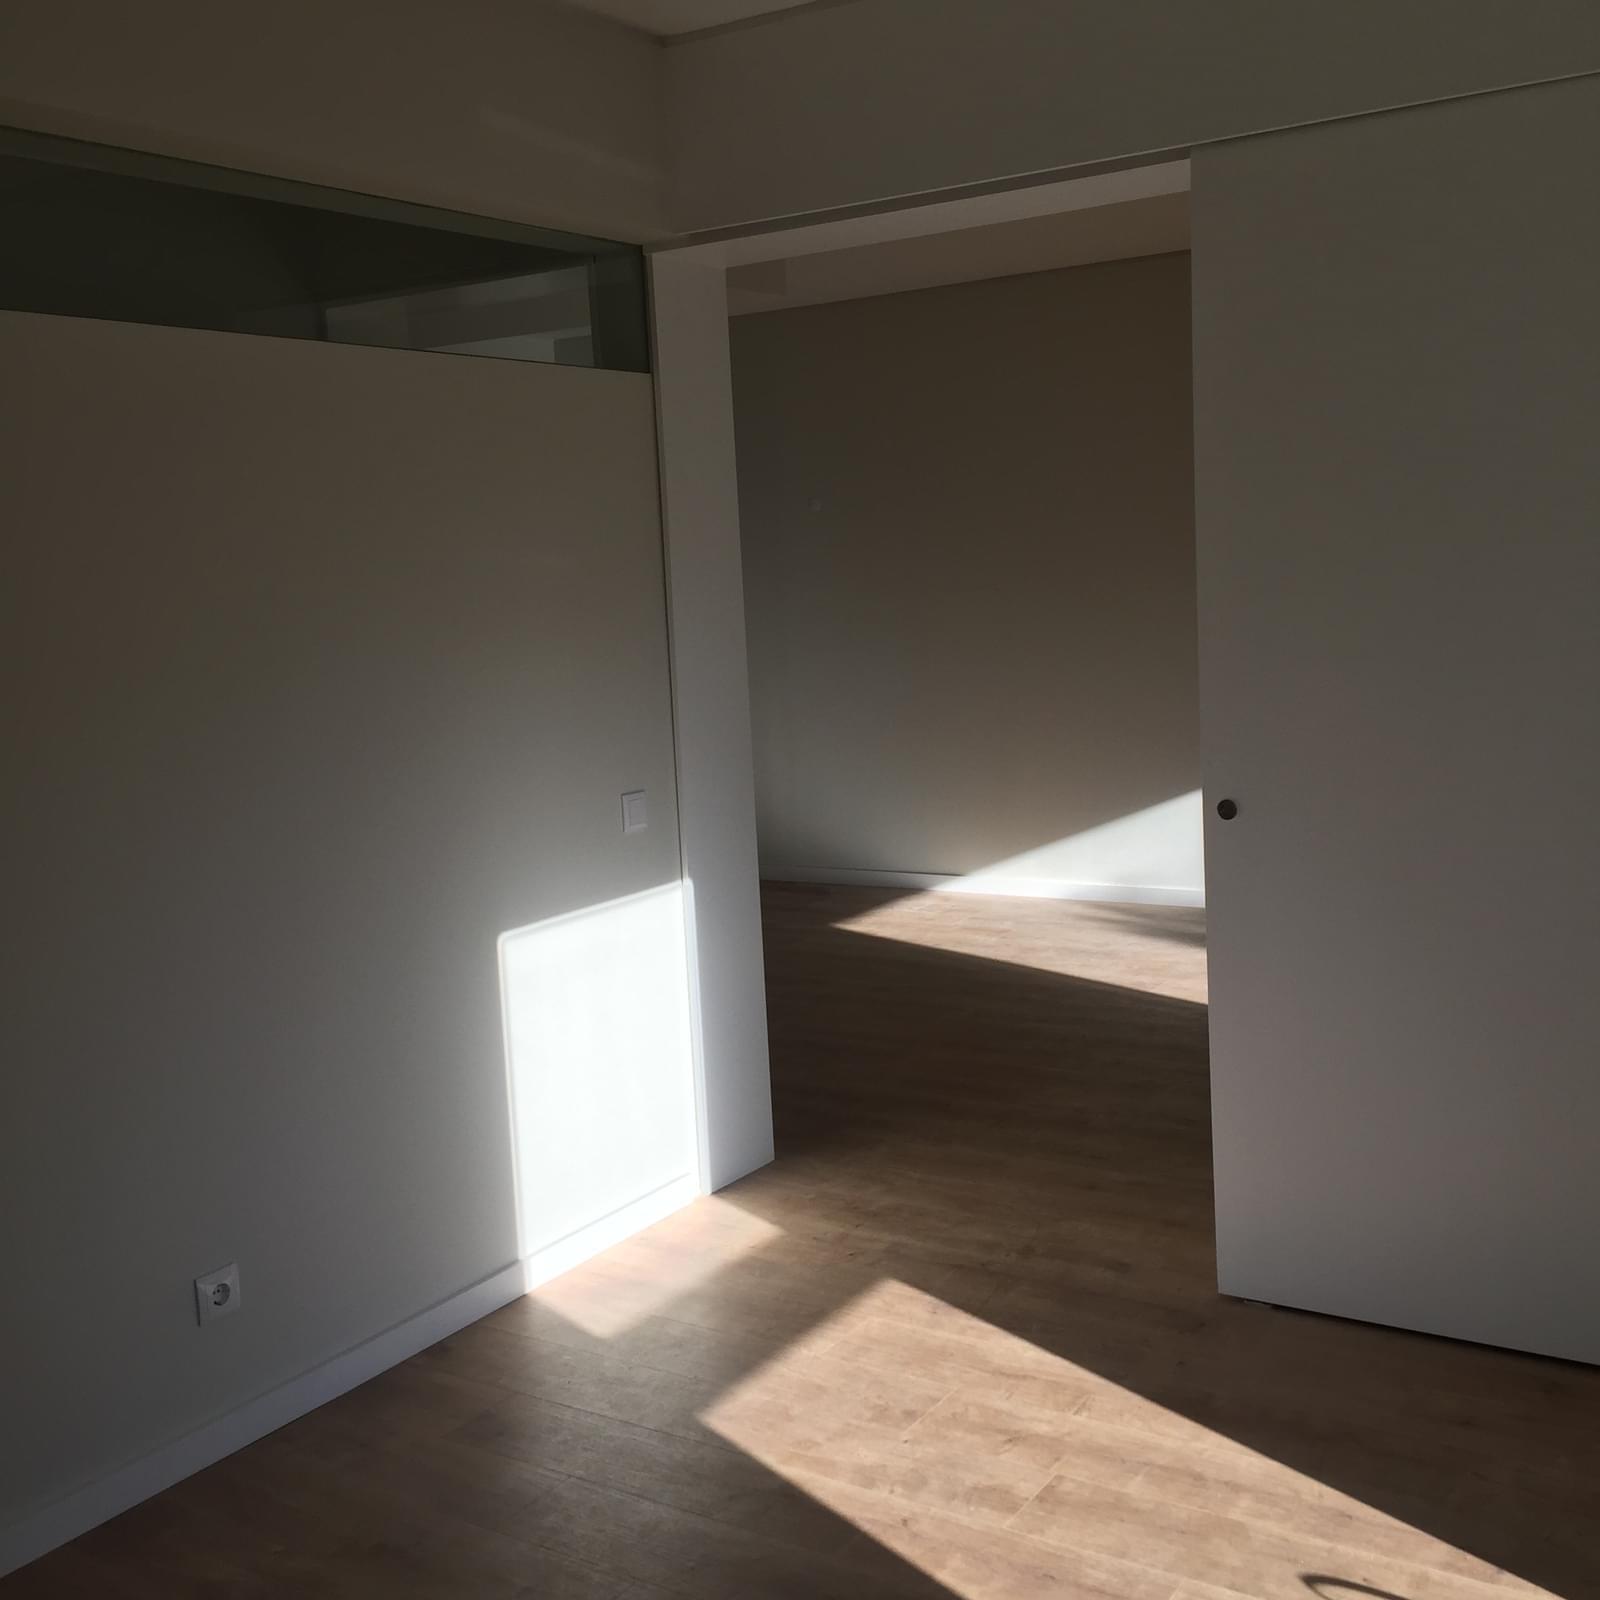 pf18756-apartamento-t2-cascais-fceb9c4e-01ed-499c-8a04-b32cfa7594bc